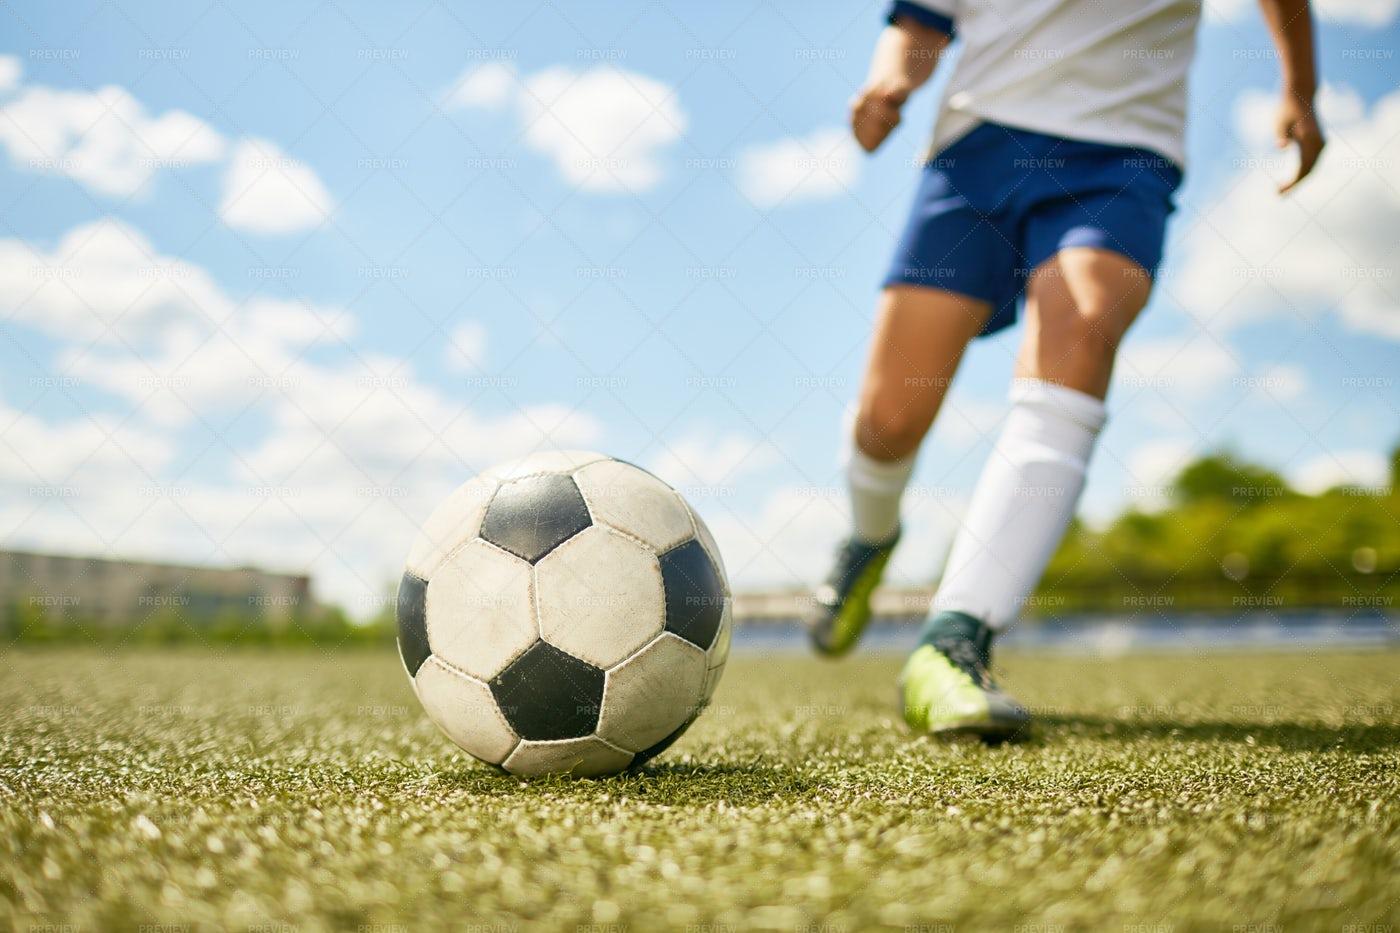 Boy Kicking Ball In Football: Stock Photos